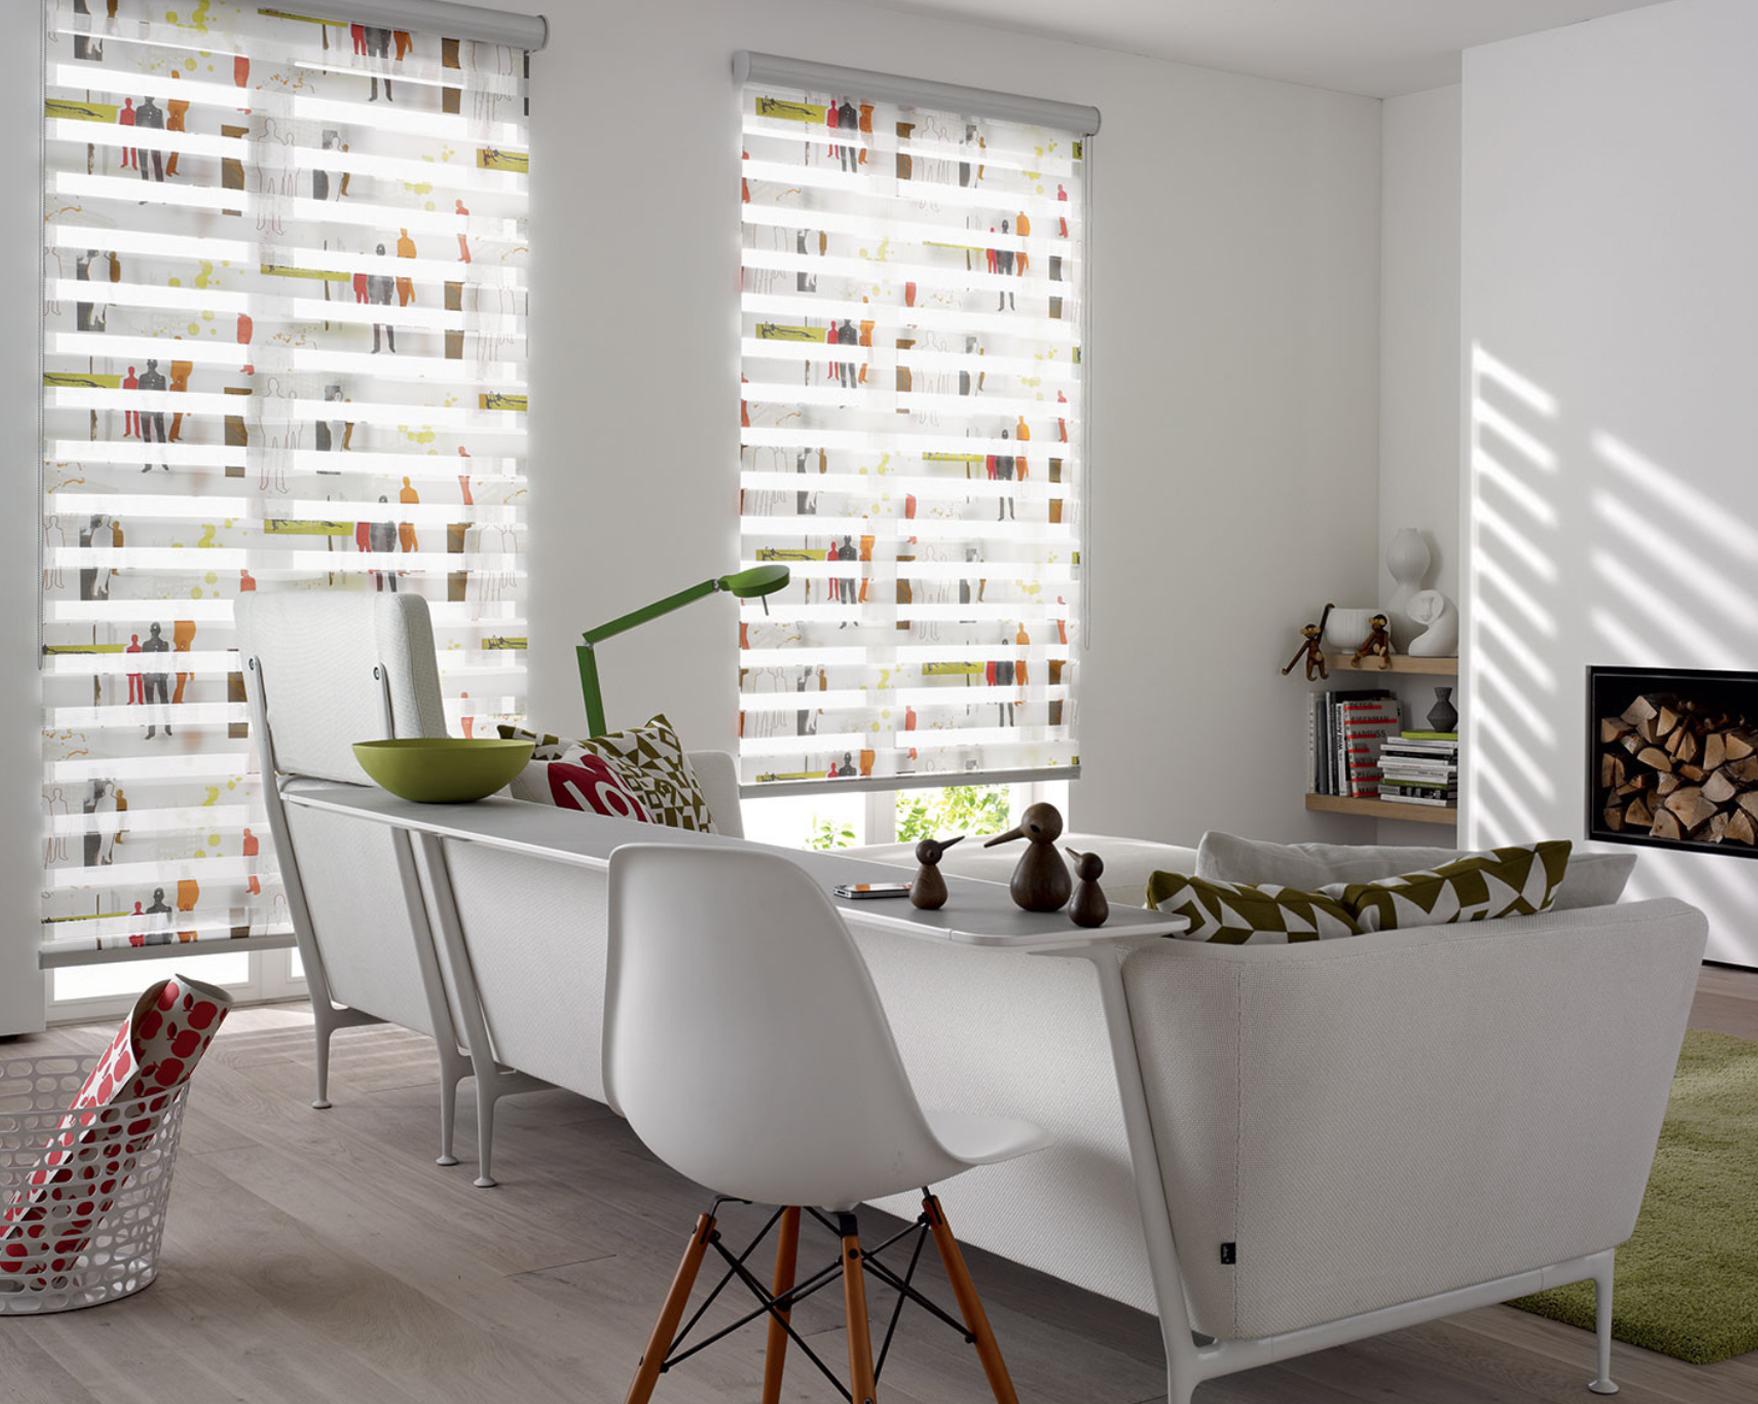 installazione-tende-tecniche-per-interni-casalgrande-sassuolo-formigine-reggio-emilia